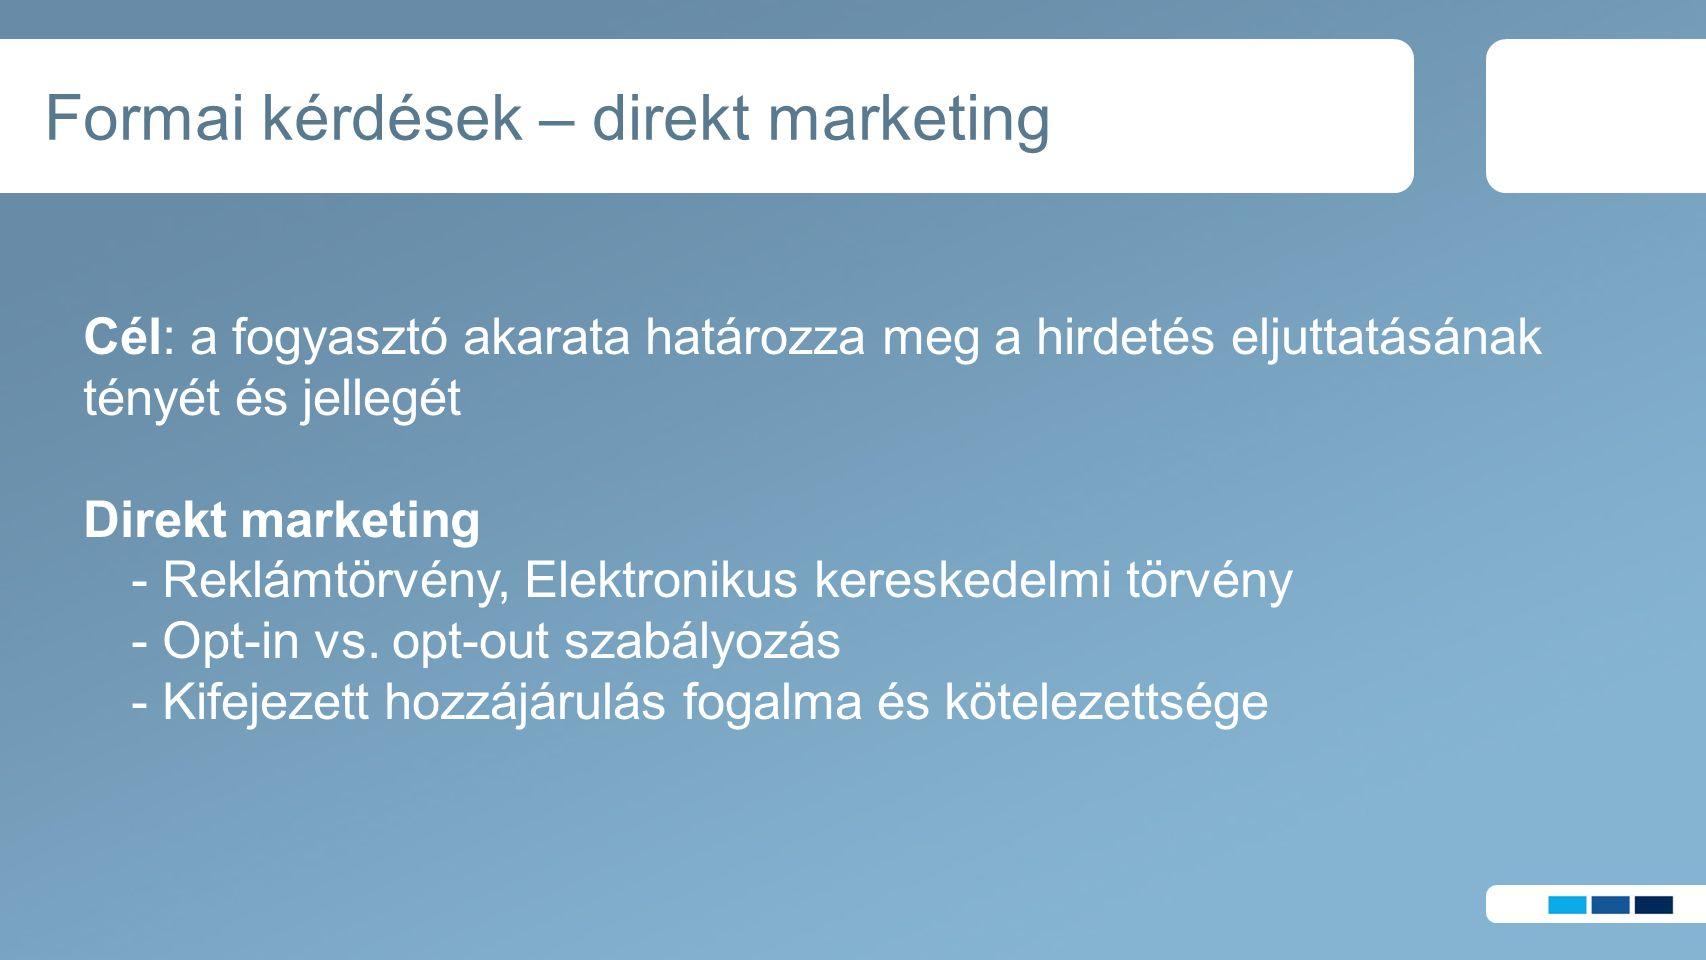 Formai kérdések – direkt marketing Cél: a fogyasztó akarata határozza meg a hirdetés eljuttatásának tényét és jellegét Direkt marketing - Reklámtörvény, Elektronikus kereskedelmi törvény - Opt-in vs.